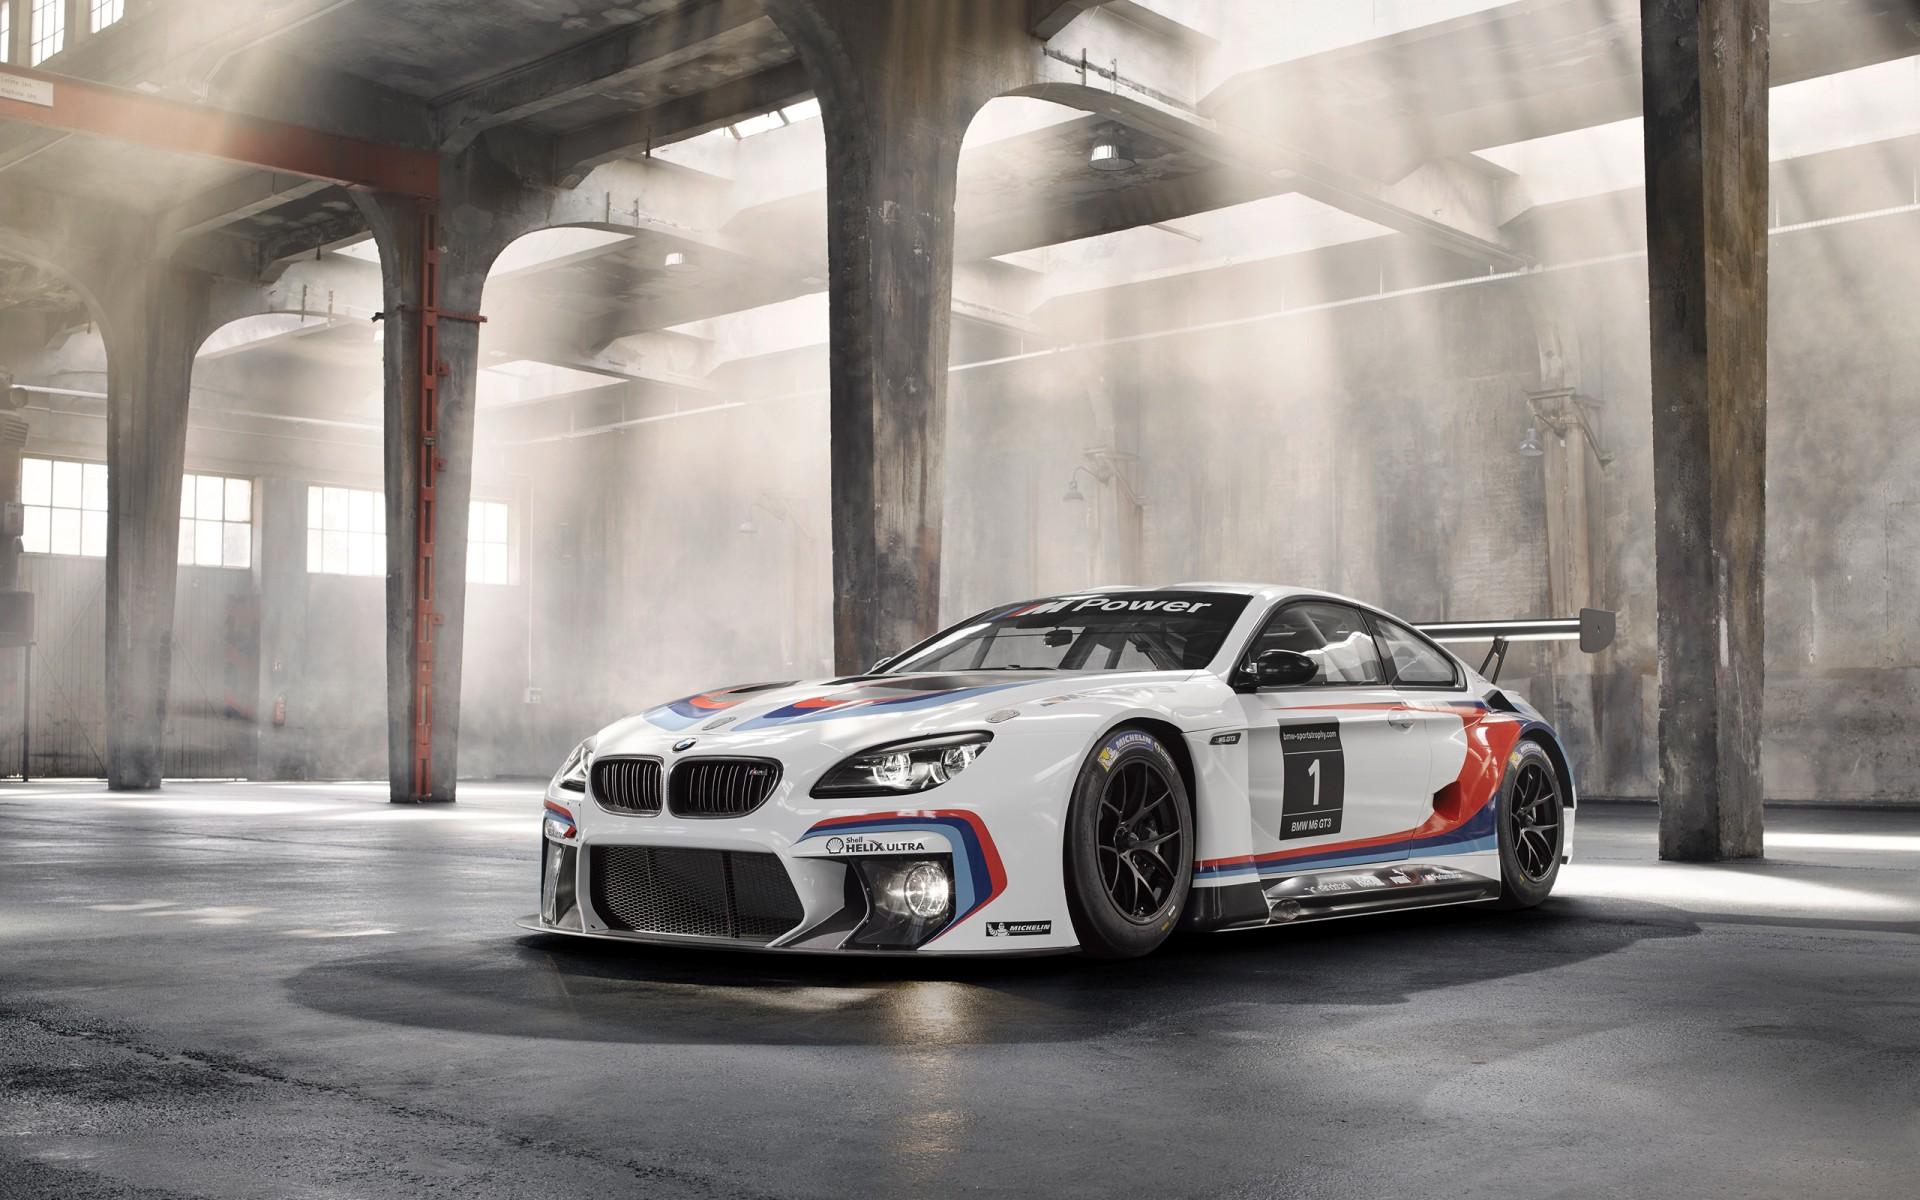 2015 BMW M6 GT3 F13 Sport Wallpaper | HD Car Wallpapers ...